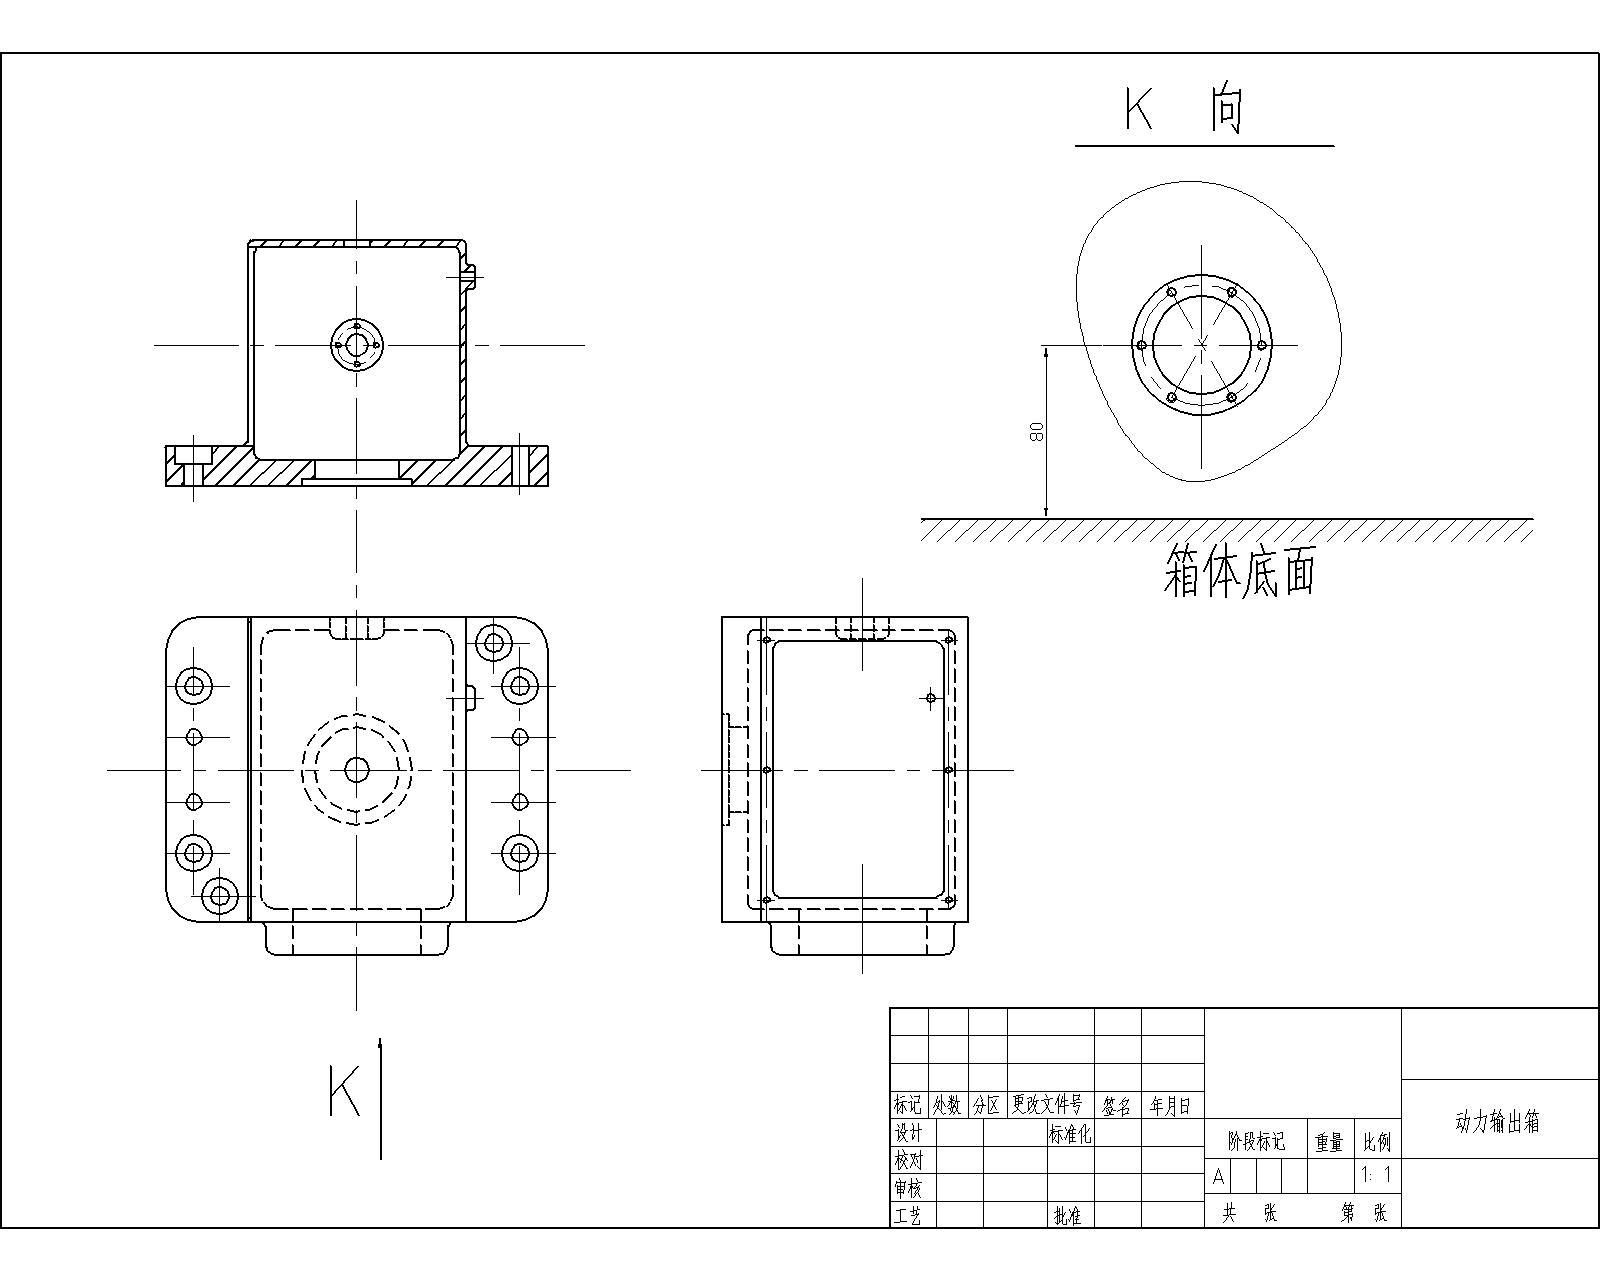 版块交流与制造、电气设计机件机械的绘制,这并打时表达分隔线图片